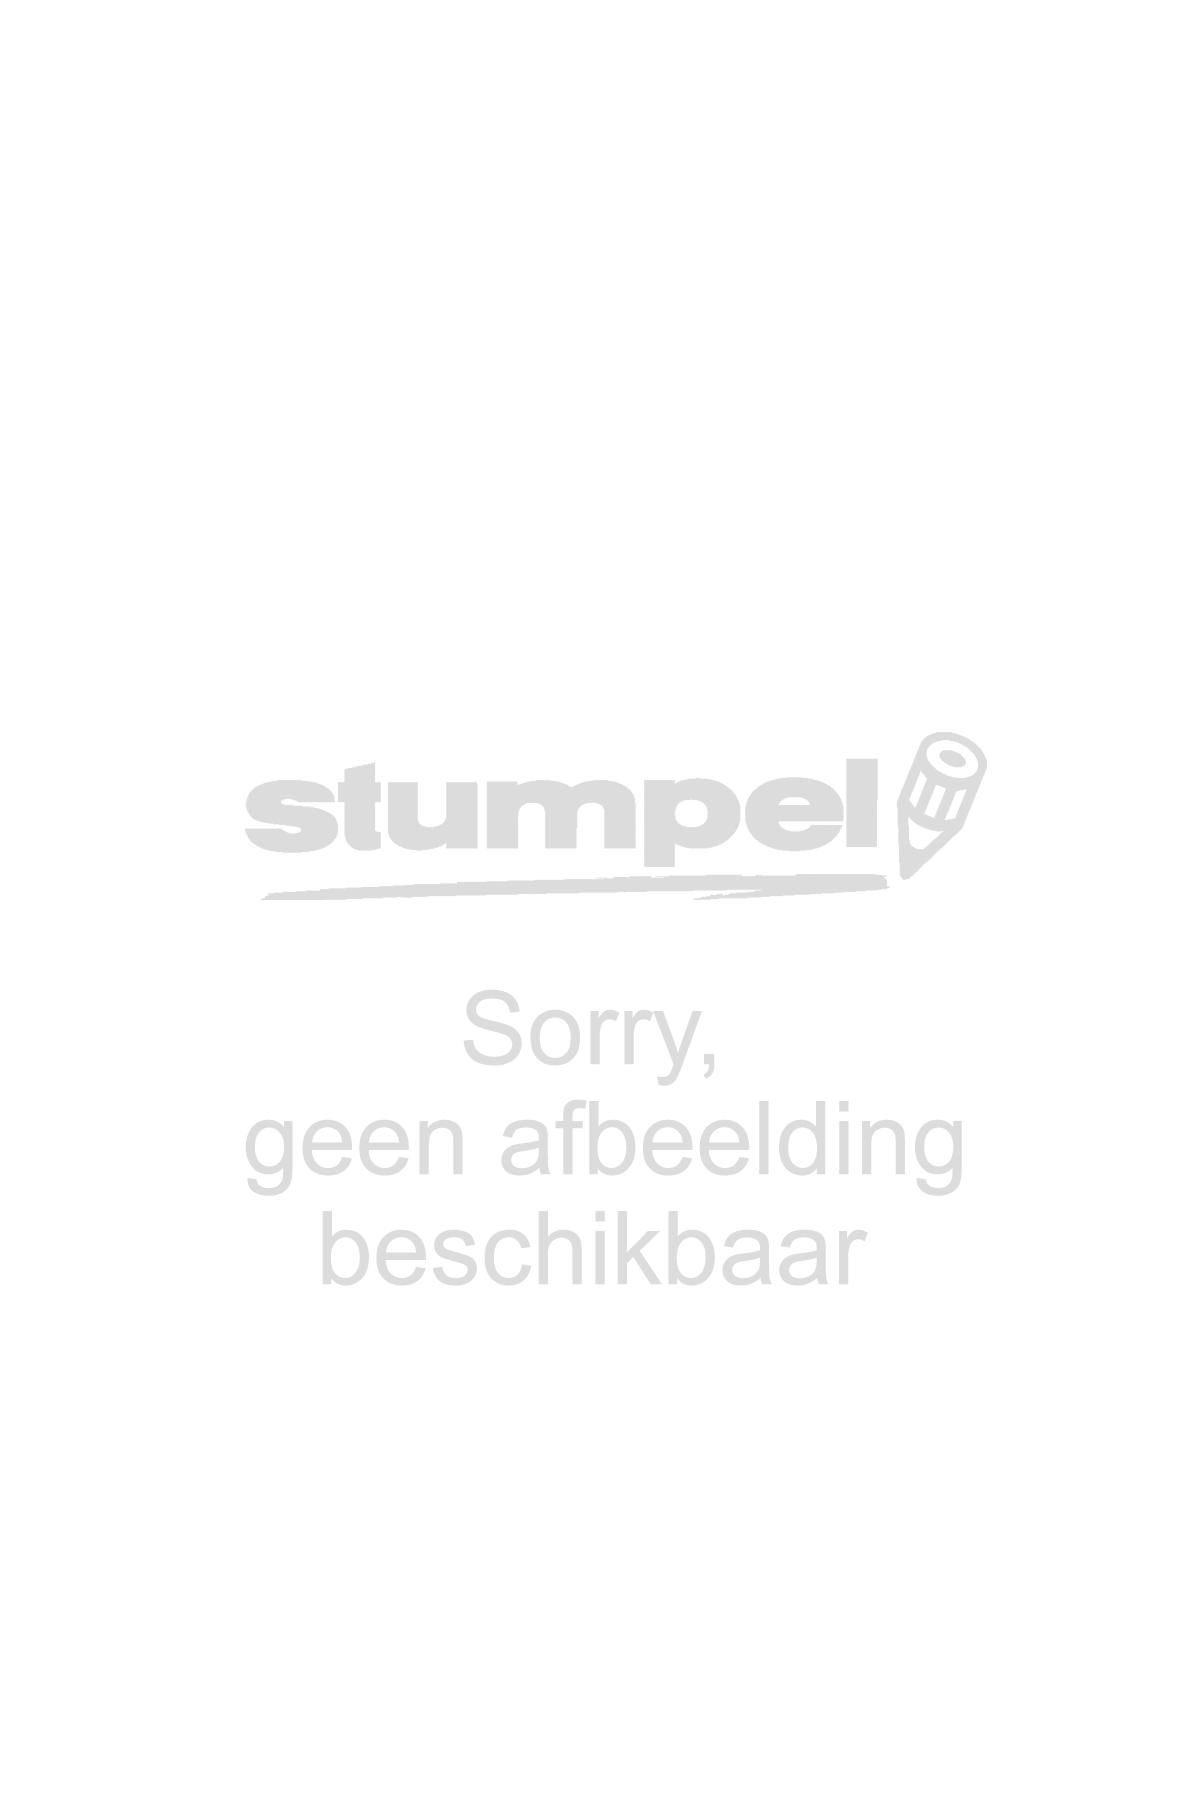 paraplu-minimax-opvouwbaar-zwart-impliva-10806572